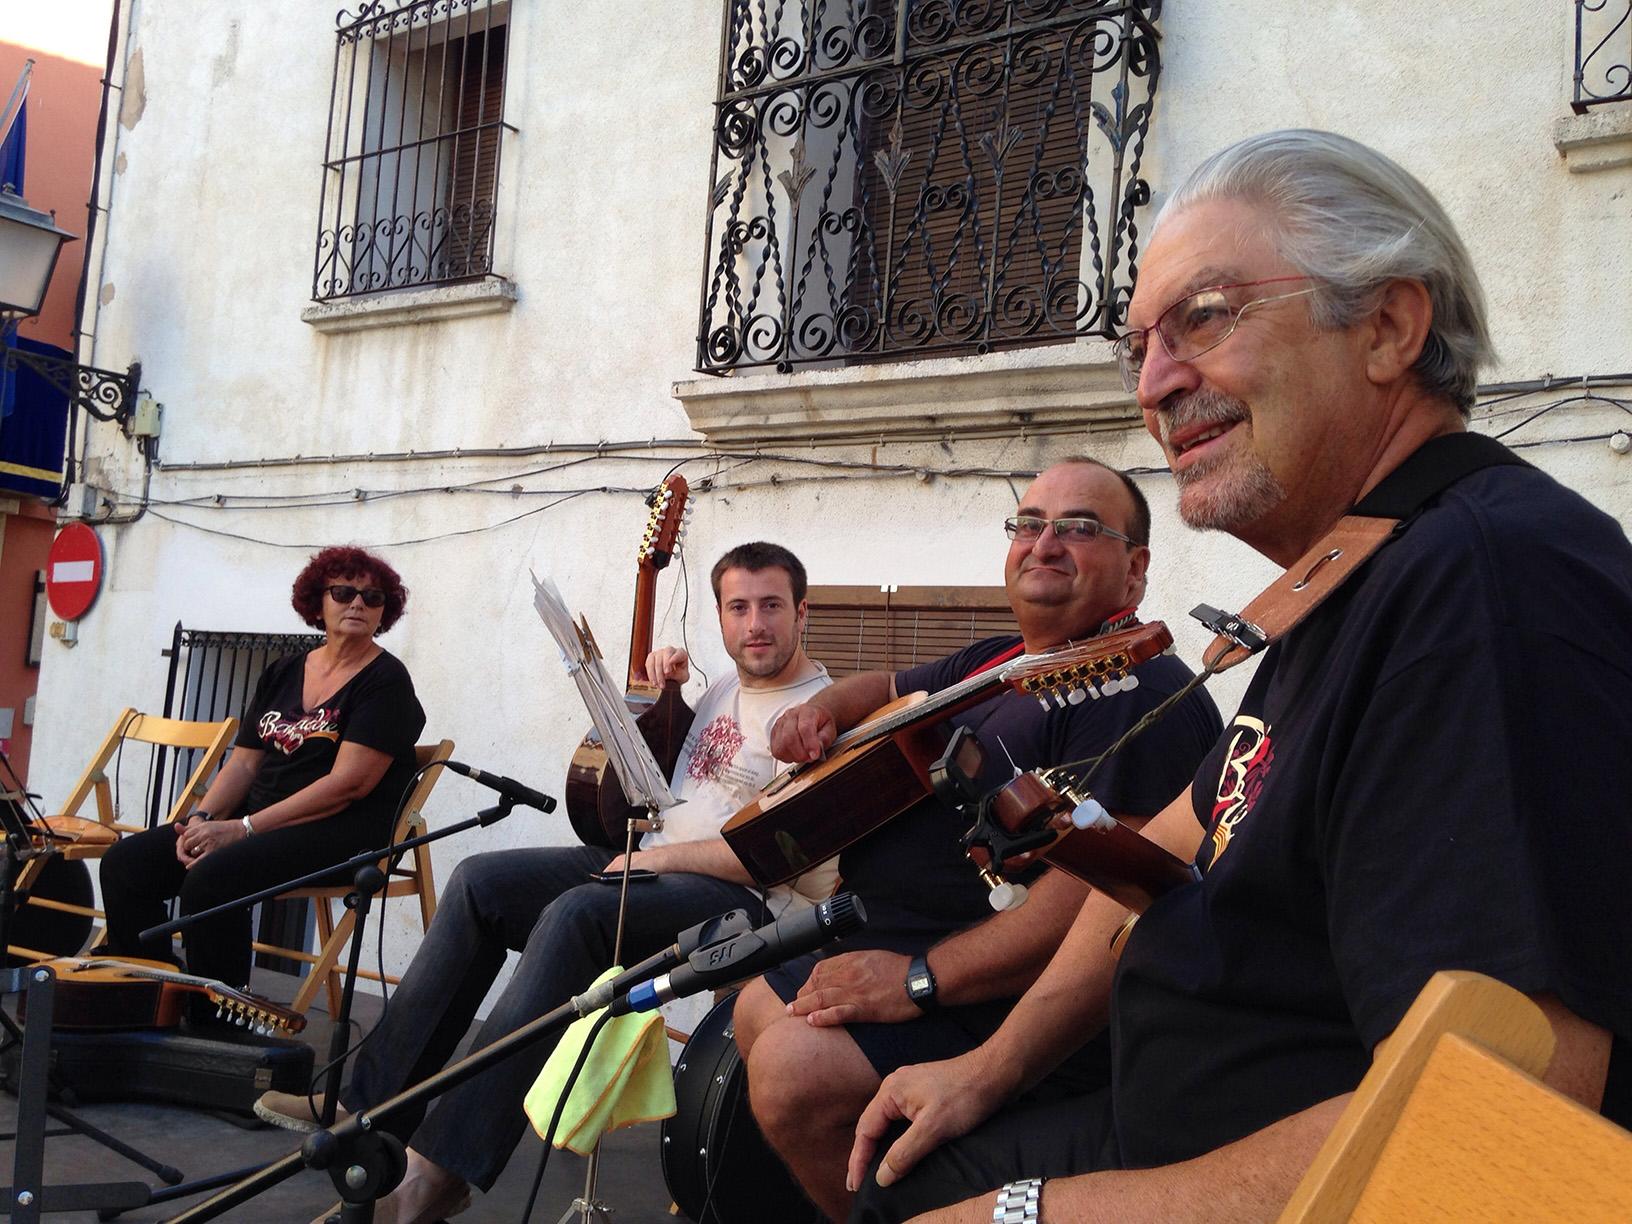 2014-09-05 R.Baladre a les Danses de Gaianes (11)